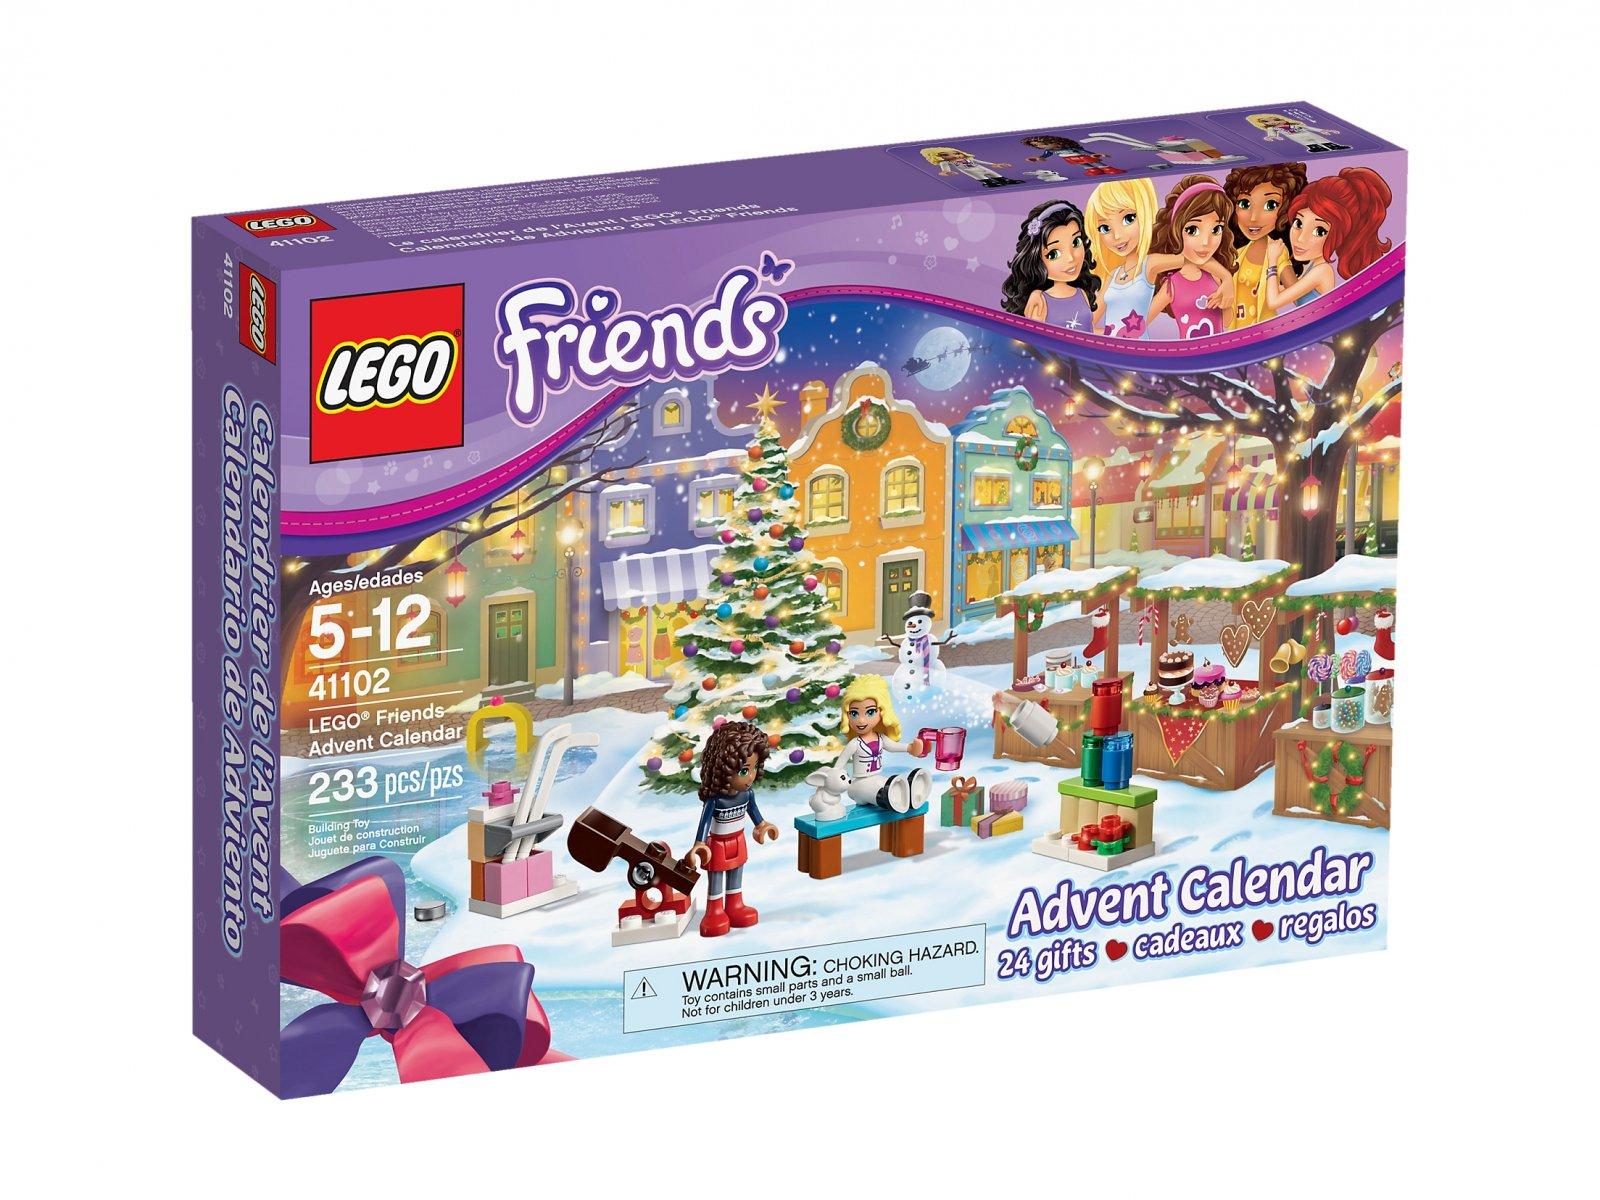 Lego 41102 Friends Kalendarz Adwentowy Zklockówpl